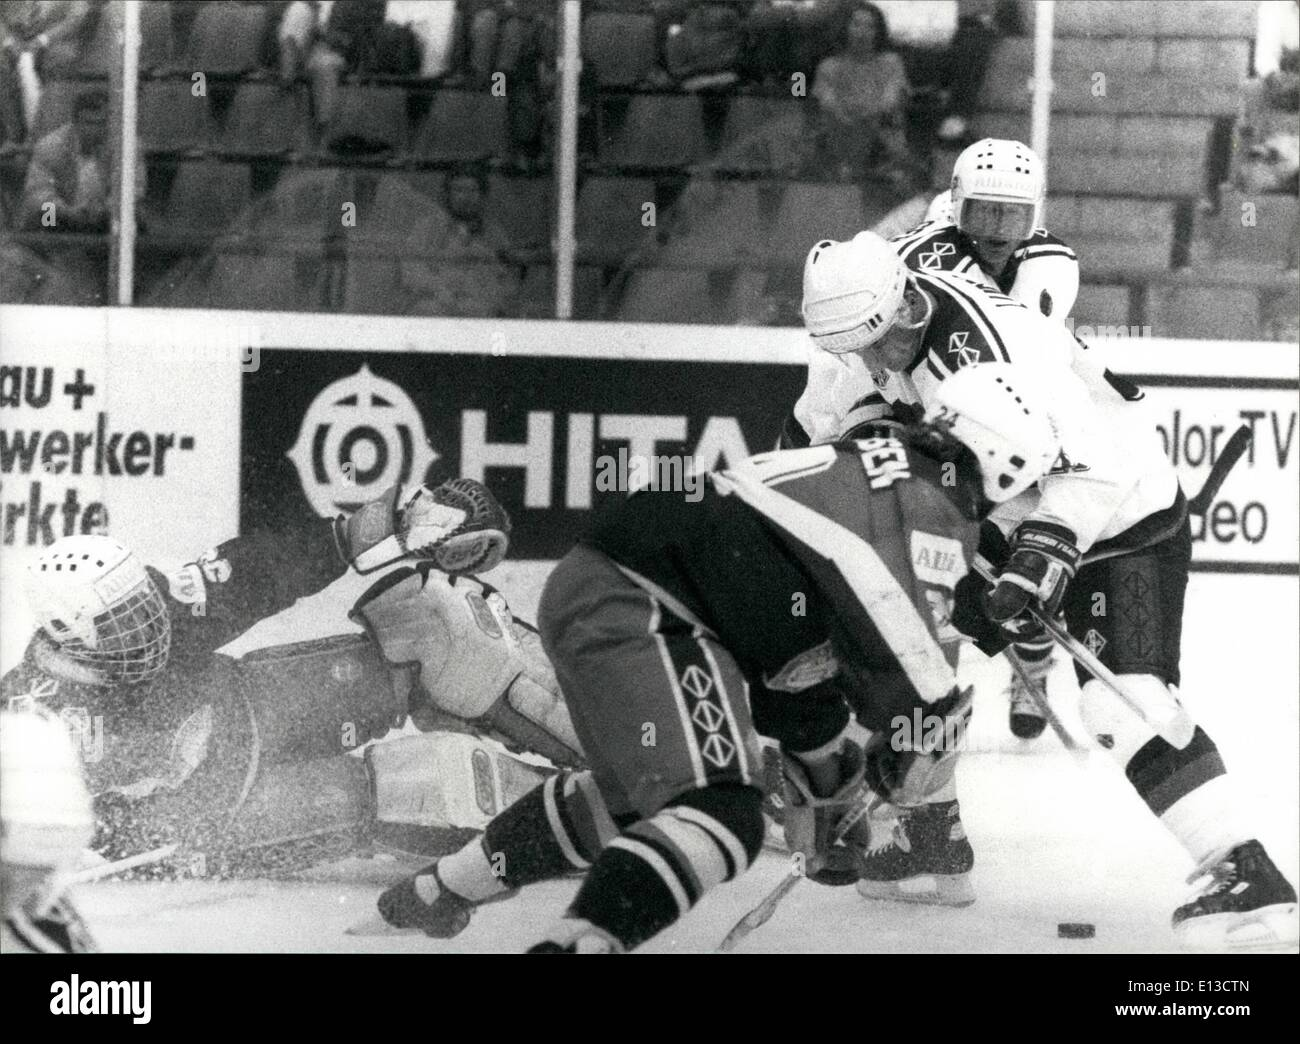 Mars 02, 2012 - Championnats du monde de hockey sur glace en Suisse: Les championnats de hockey sur glace a eu lieu à Berne/Suisse de Photo Stock